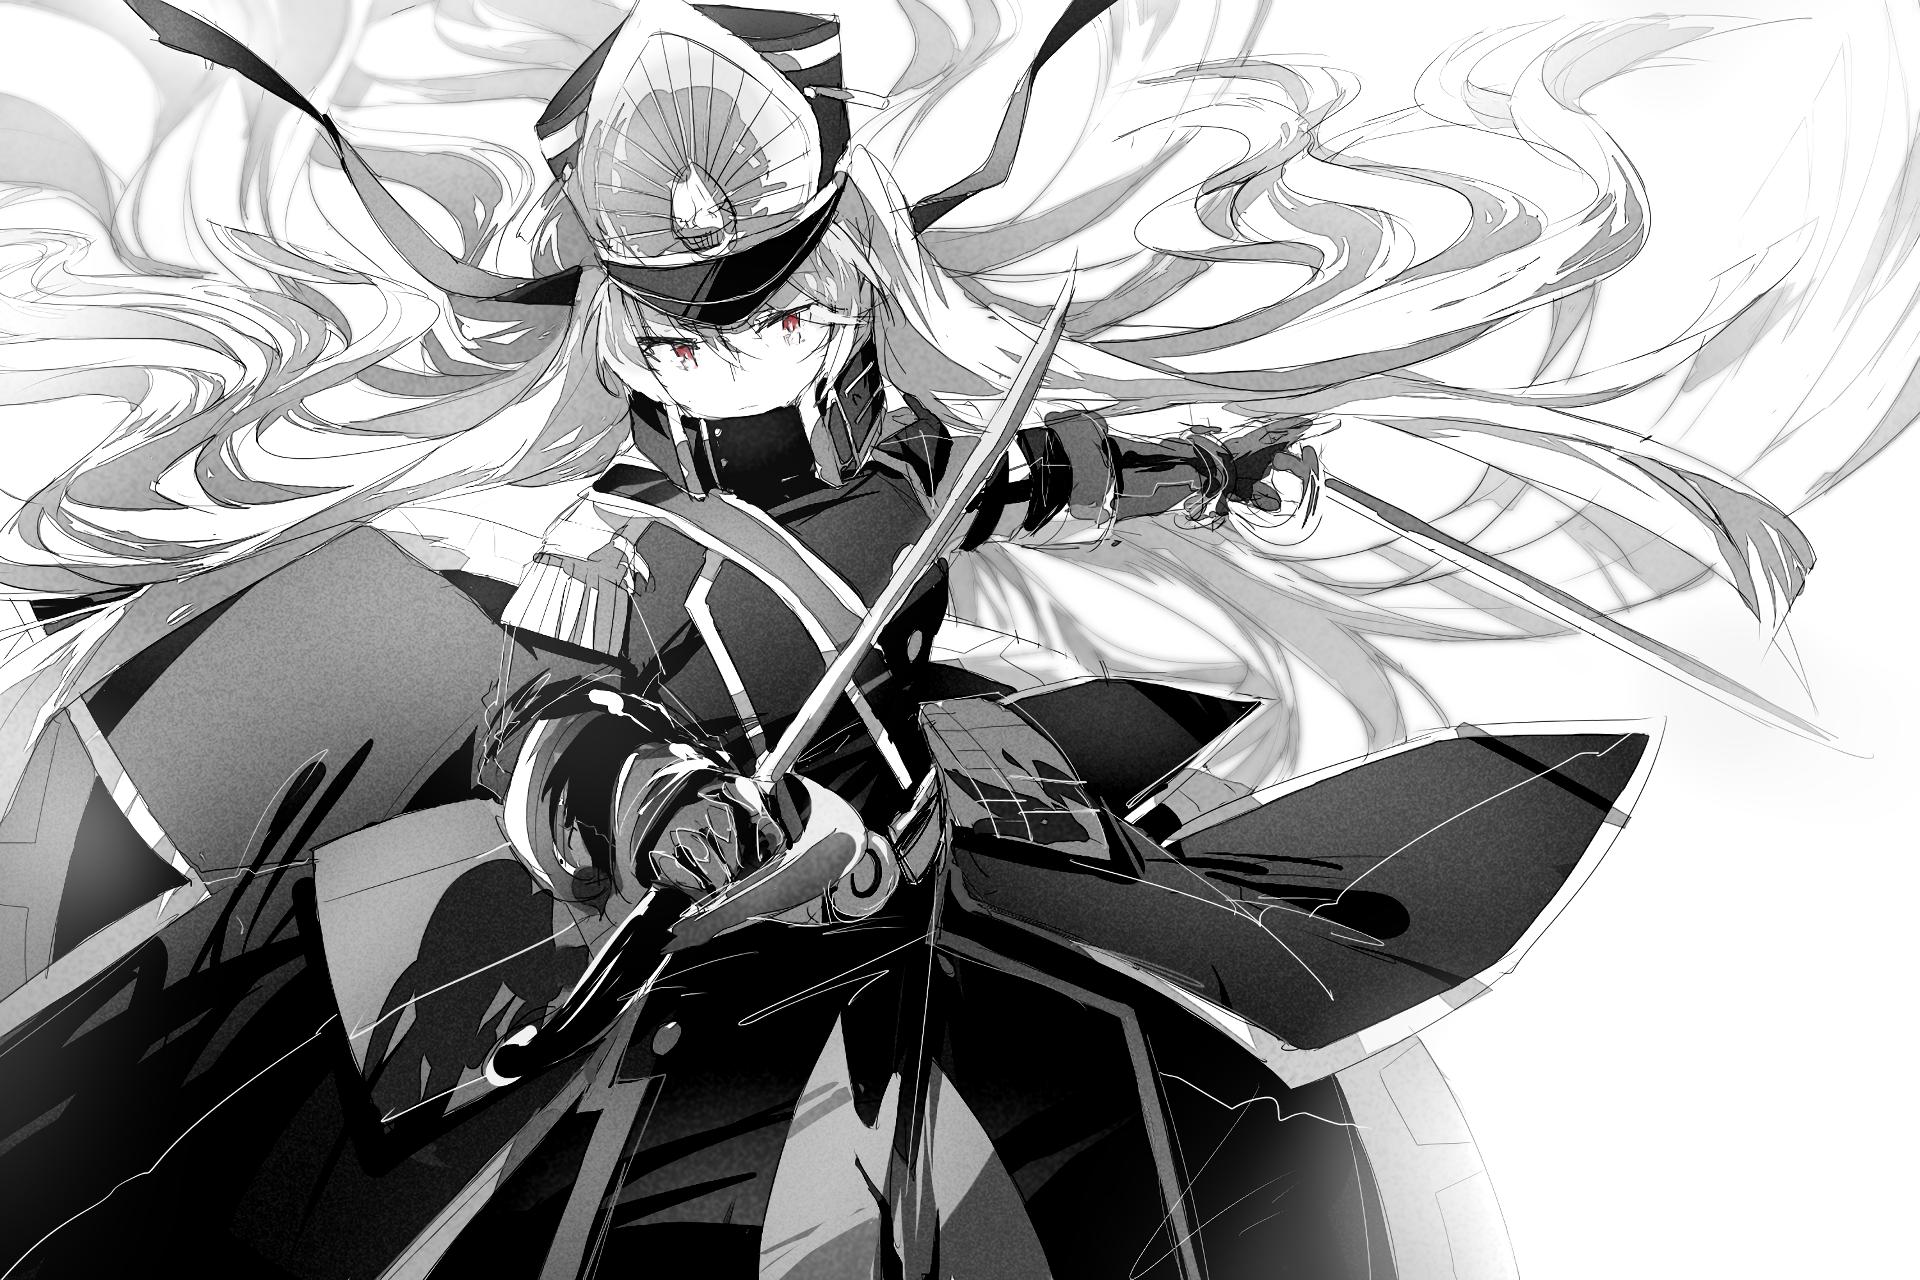 Altair Art, Anime, 2017 anime